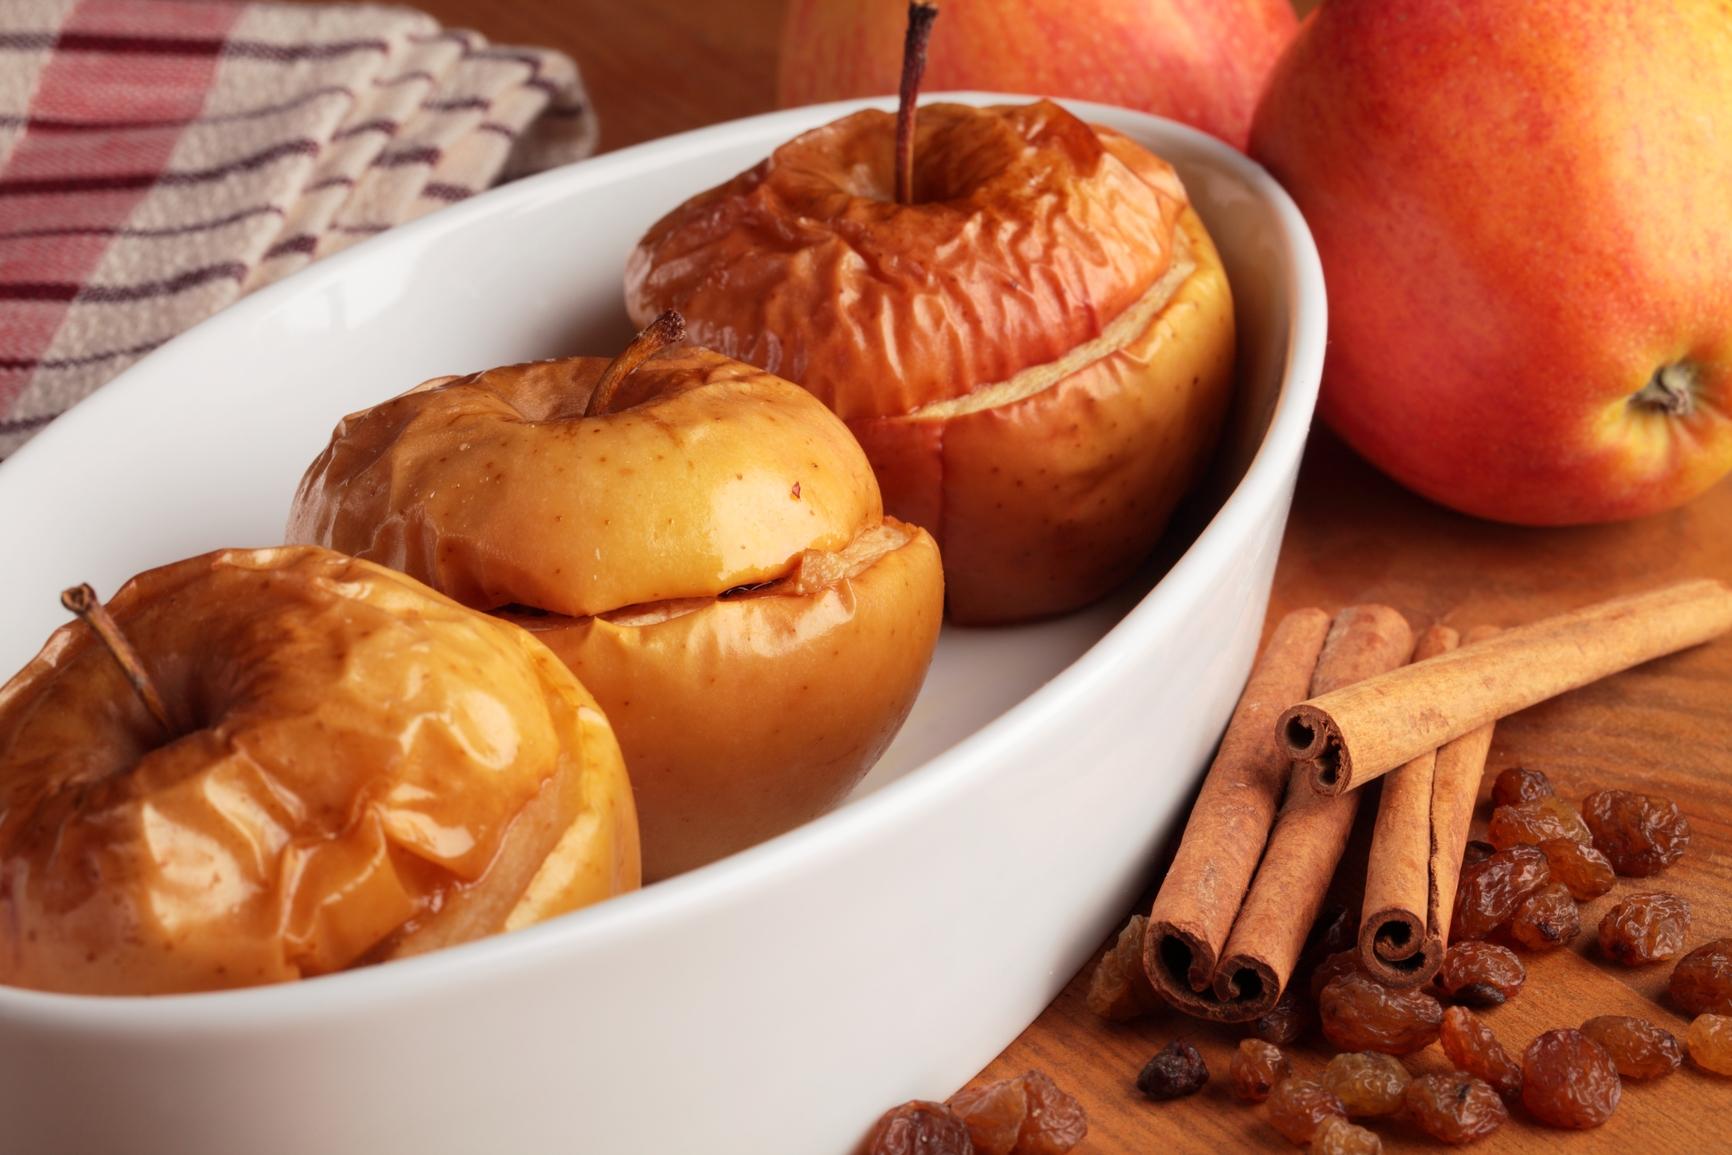 Печеные Яблоки Для Диеты 5. Печеные яблоки: низкокалорийный и очень полезный десерт